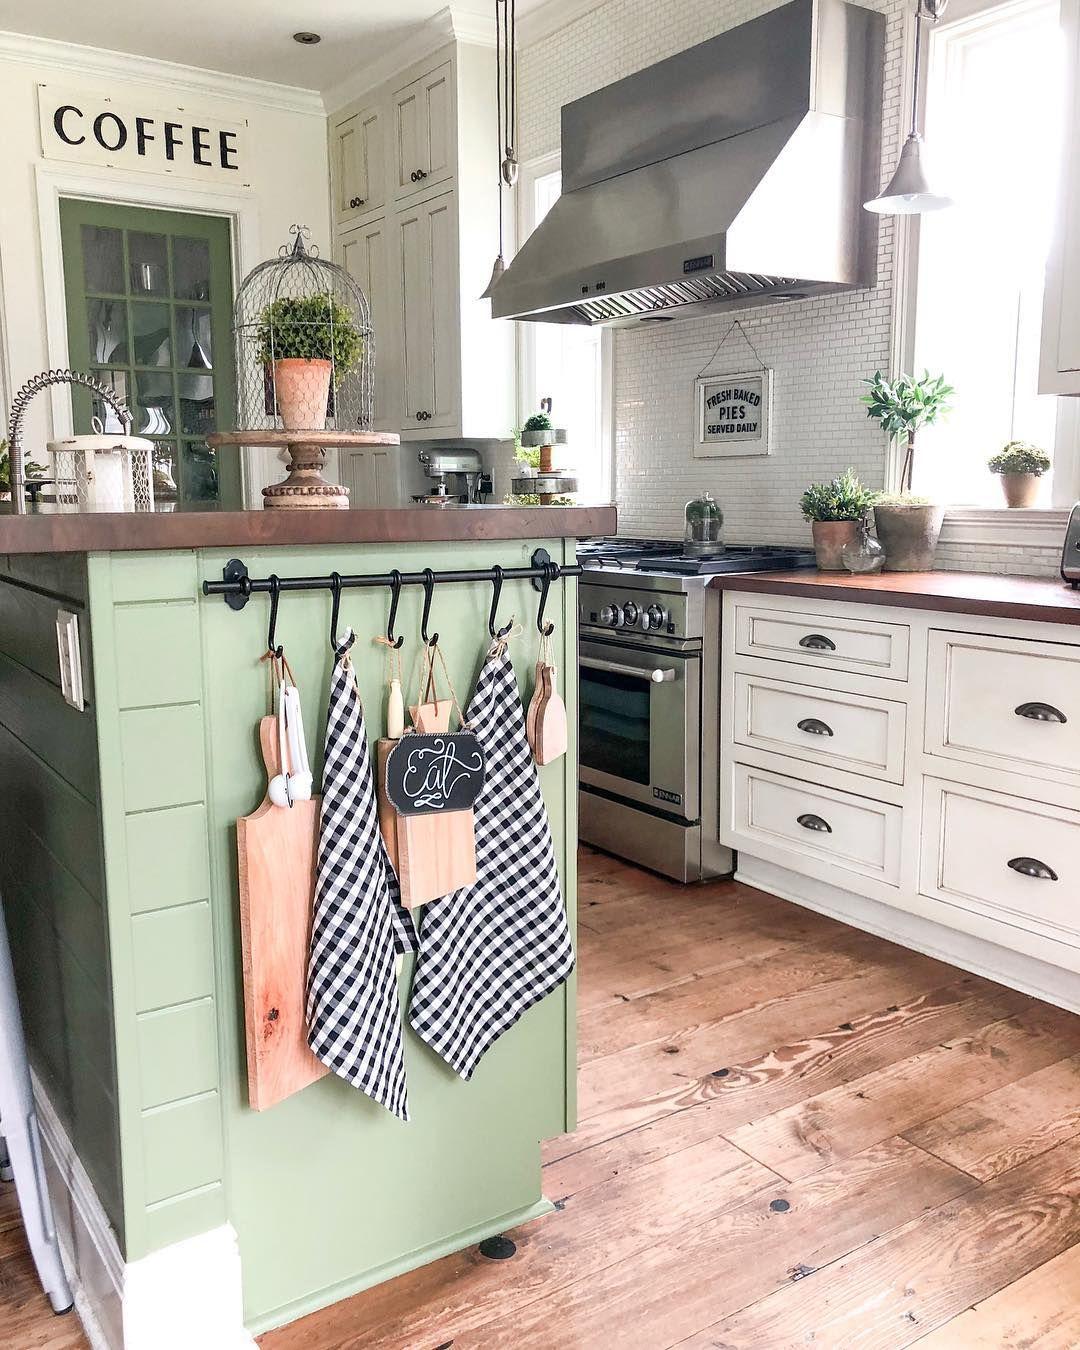 Pin von Abbey Krupp auf Future Crib | Pinterest | Haus ideen, Küche ...